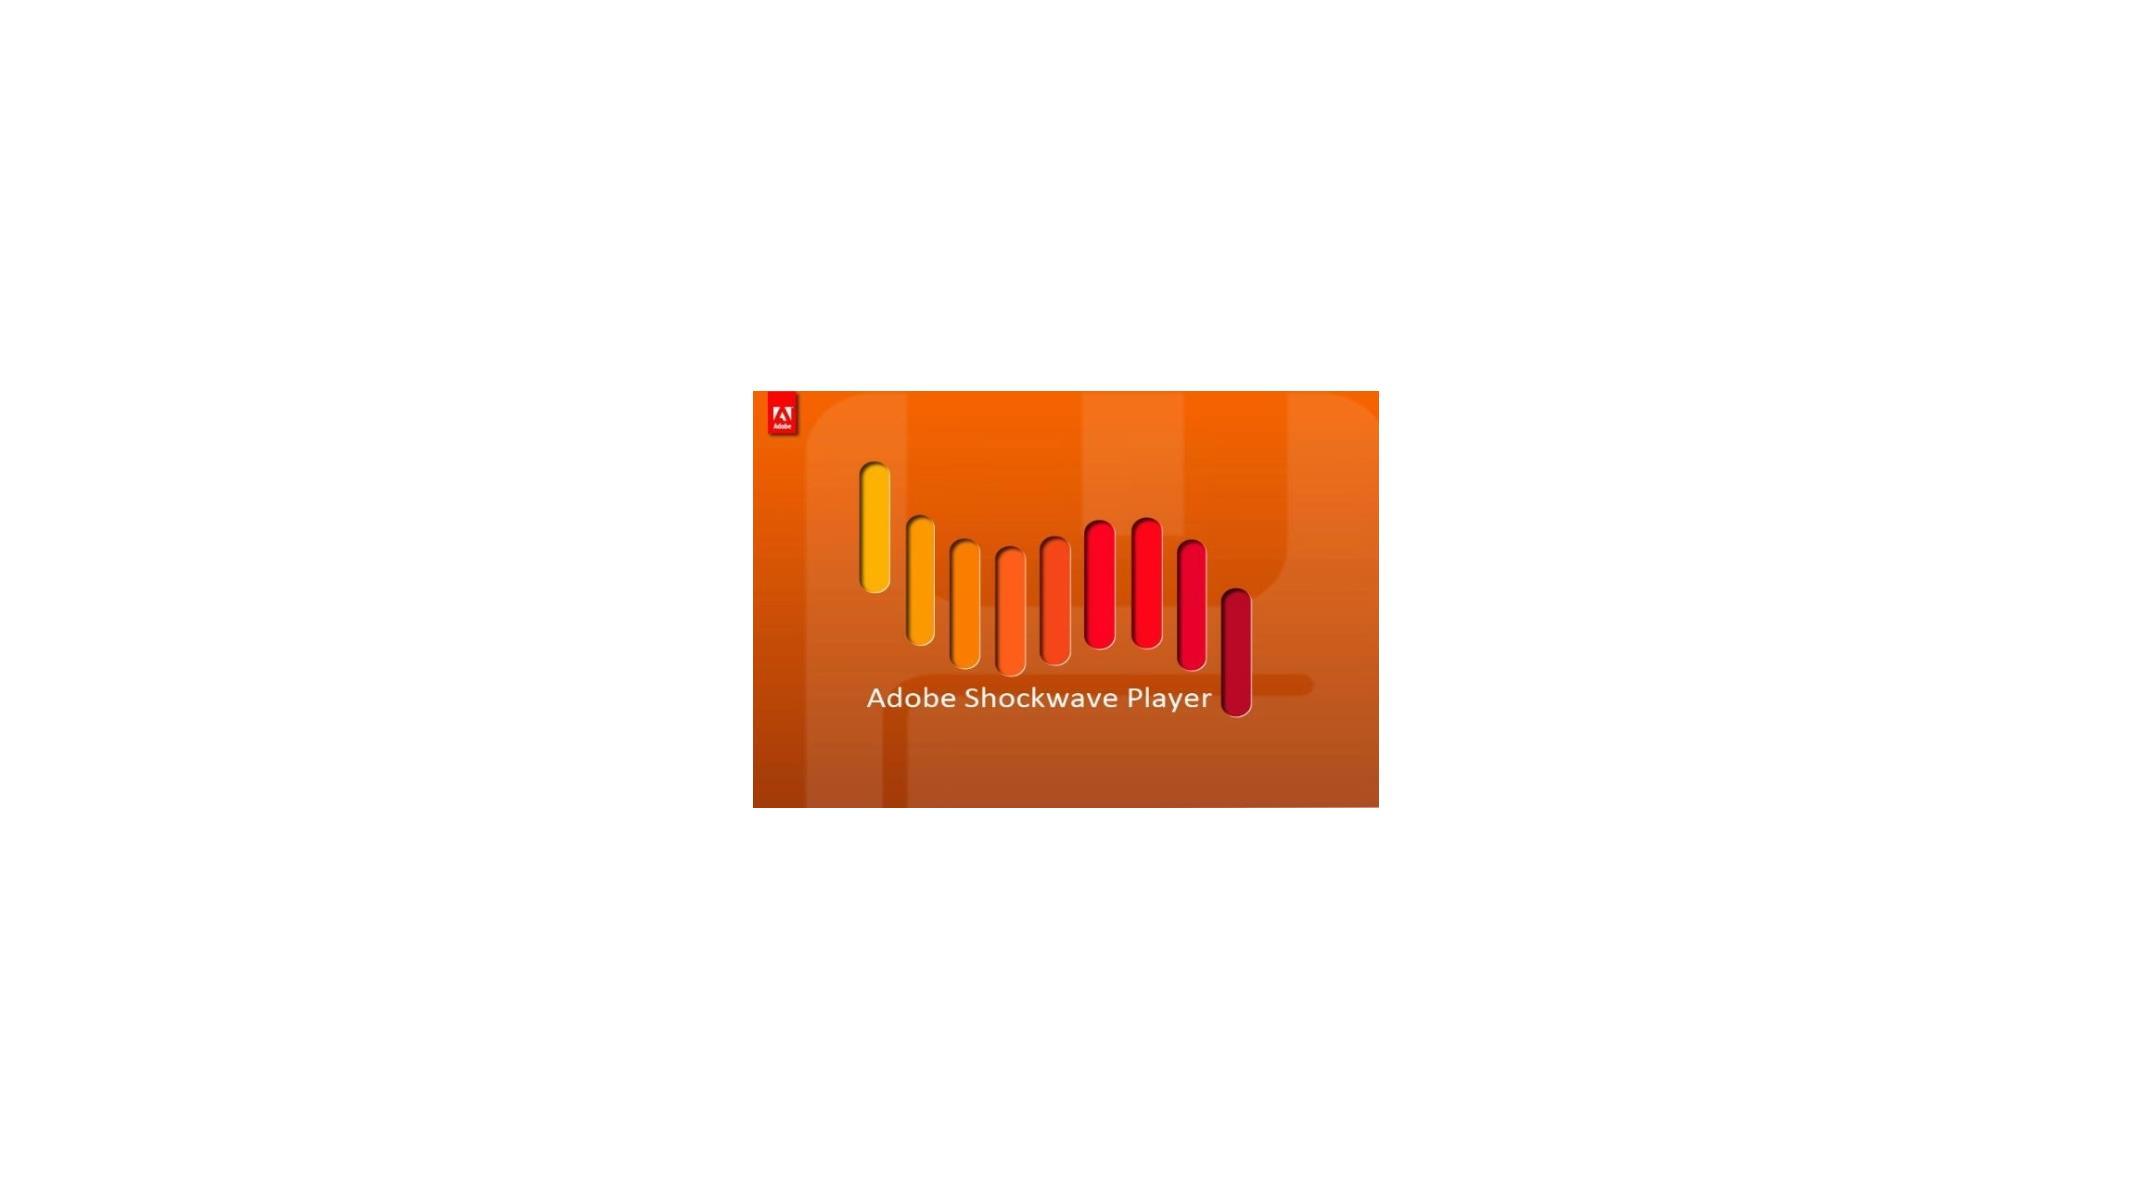 Adobe Pulling Plug On Unloved Shockwave Player On April 9